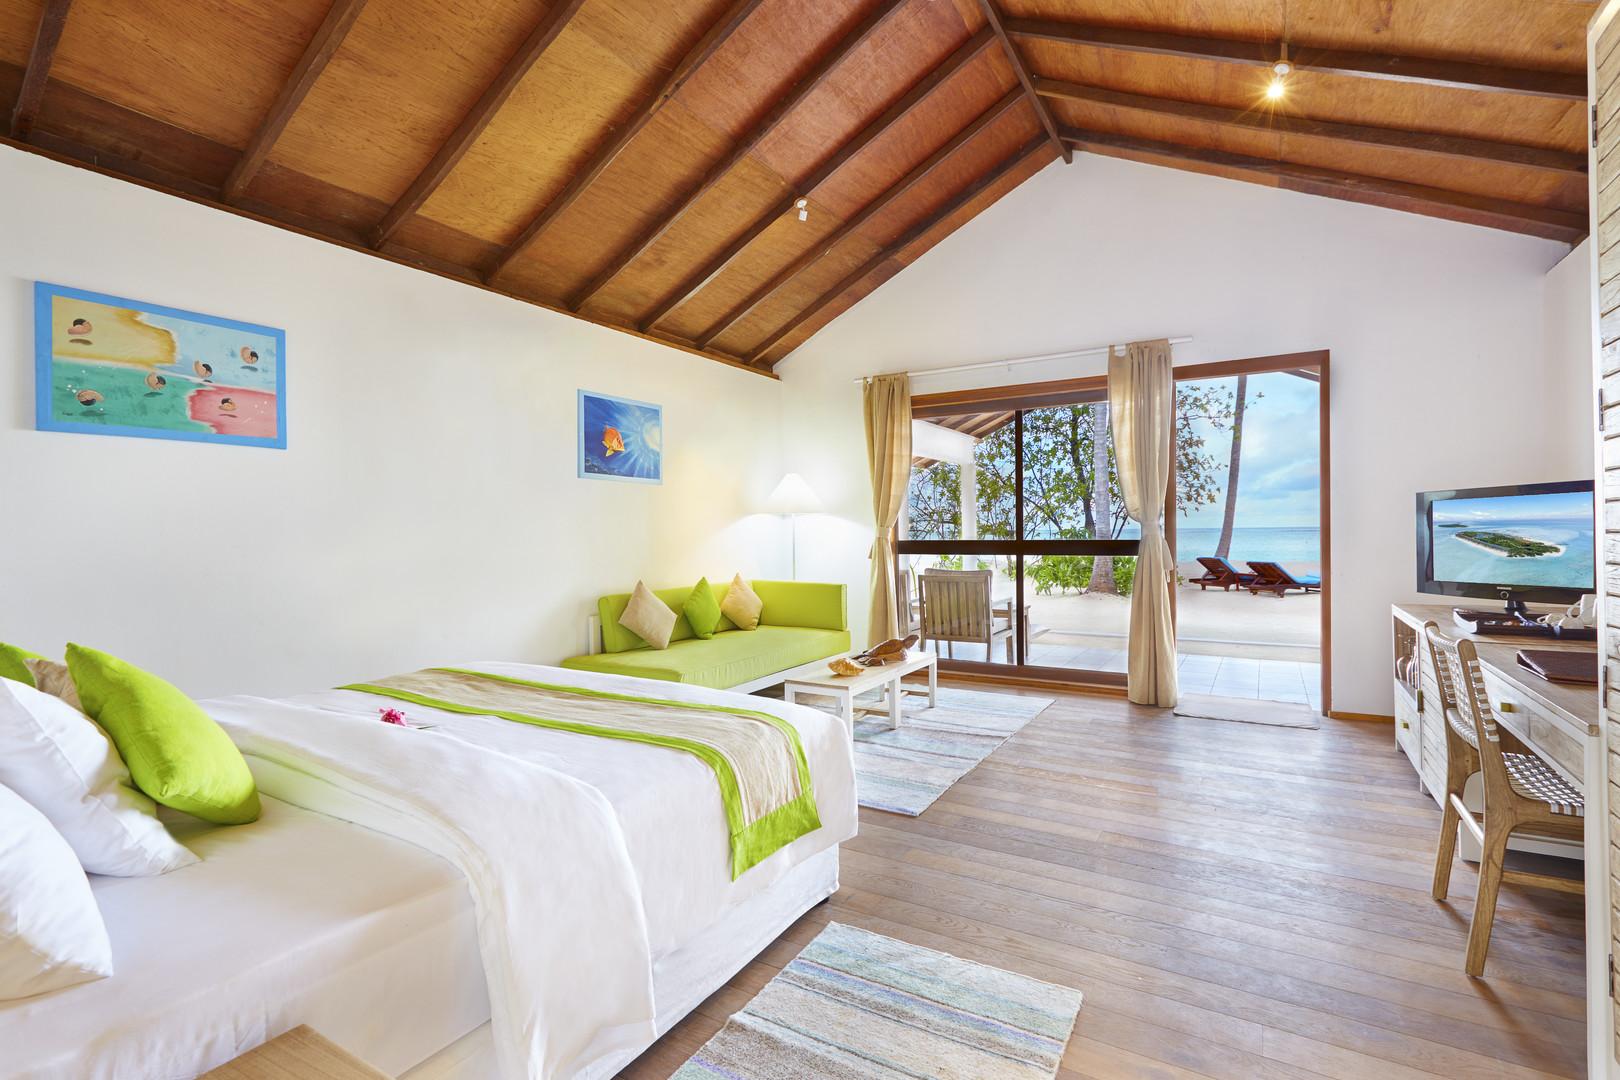 Innahura Maldives Resort #6